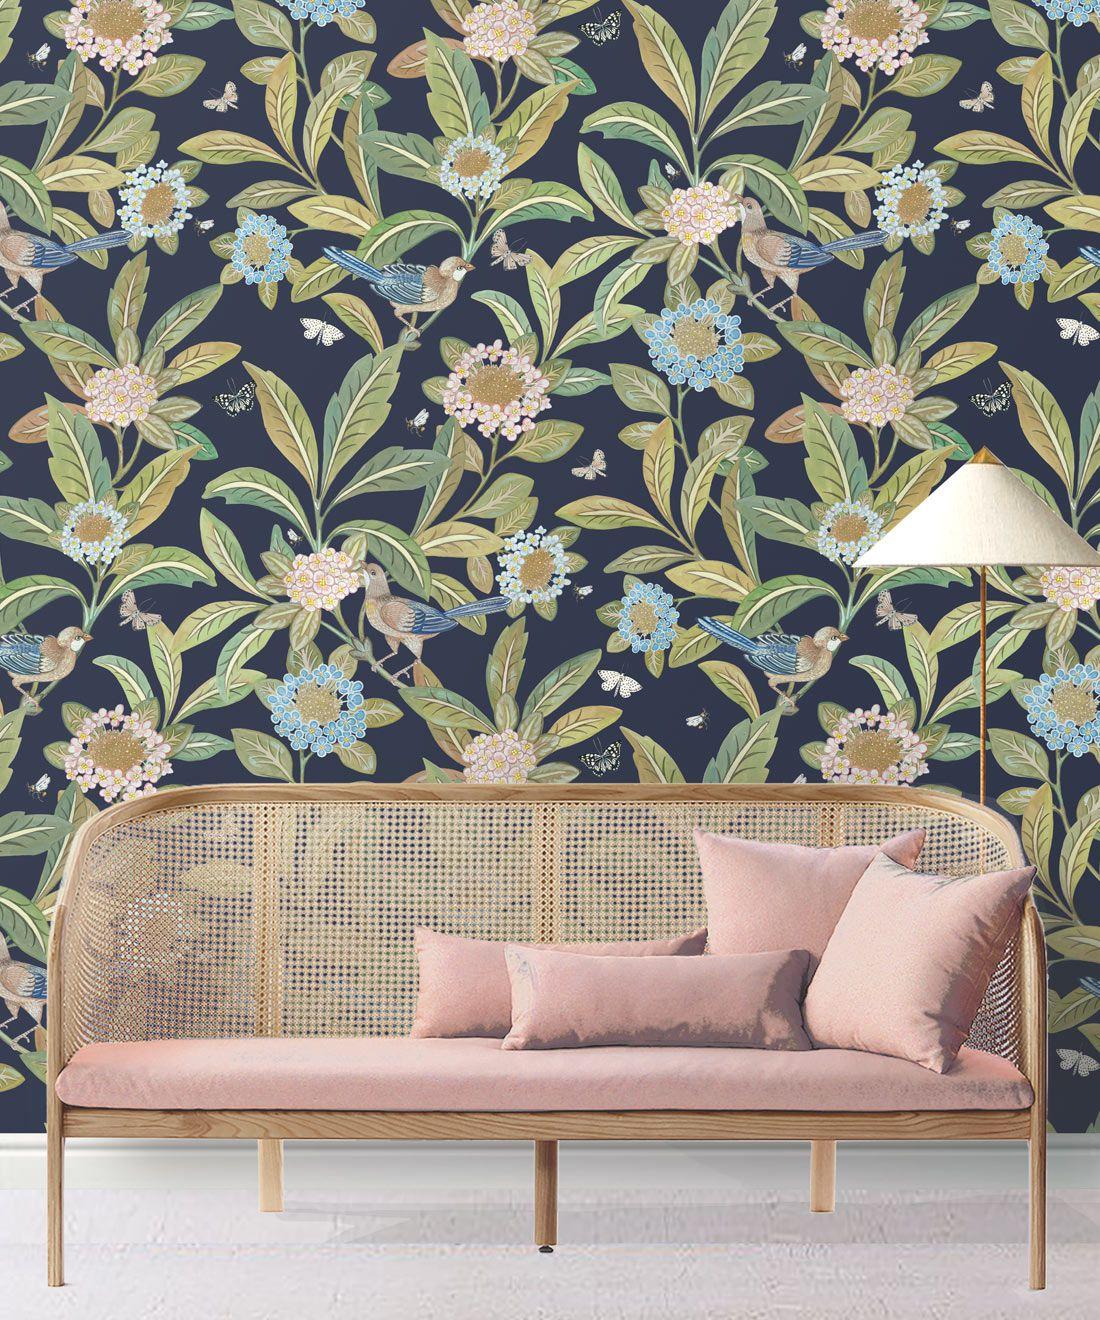 Summer Garden Wallpaper • Navy Wallpaper • Floral Wallpaper Insitu